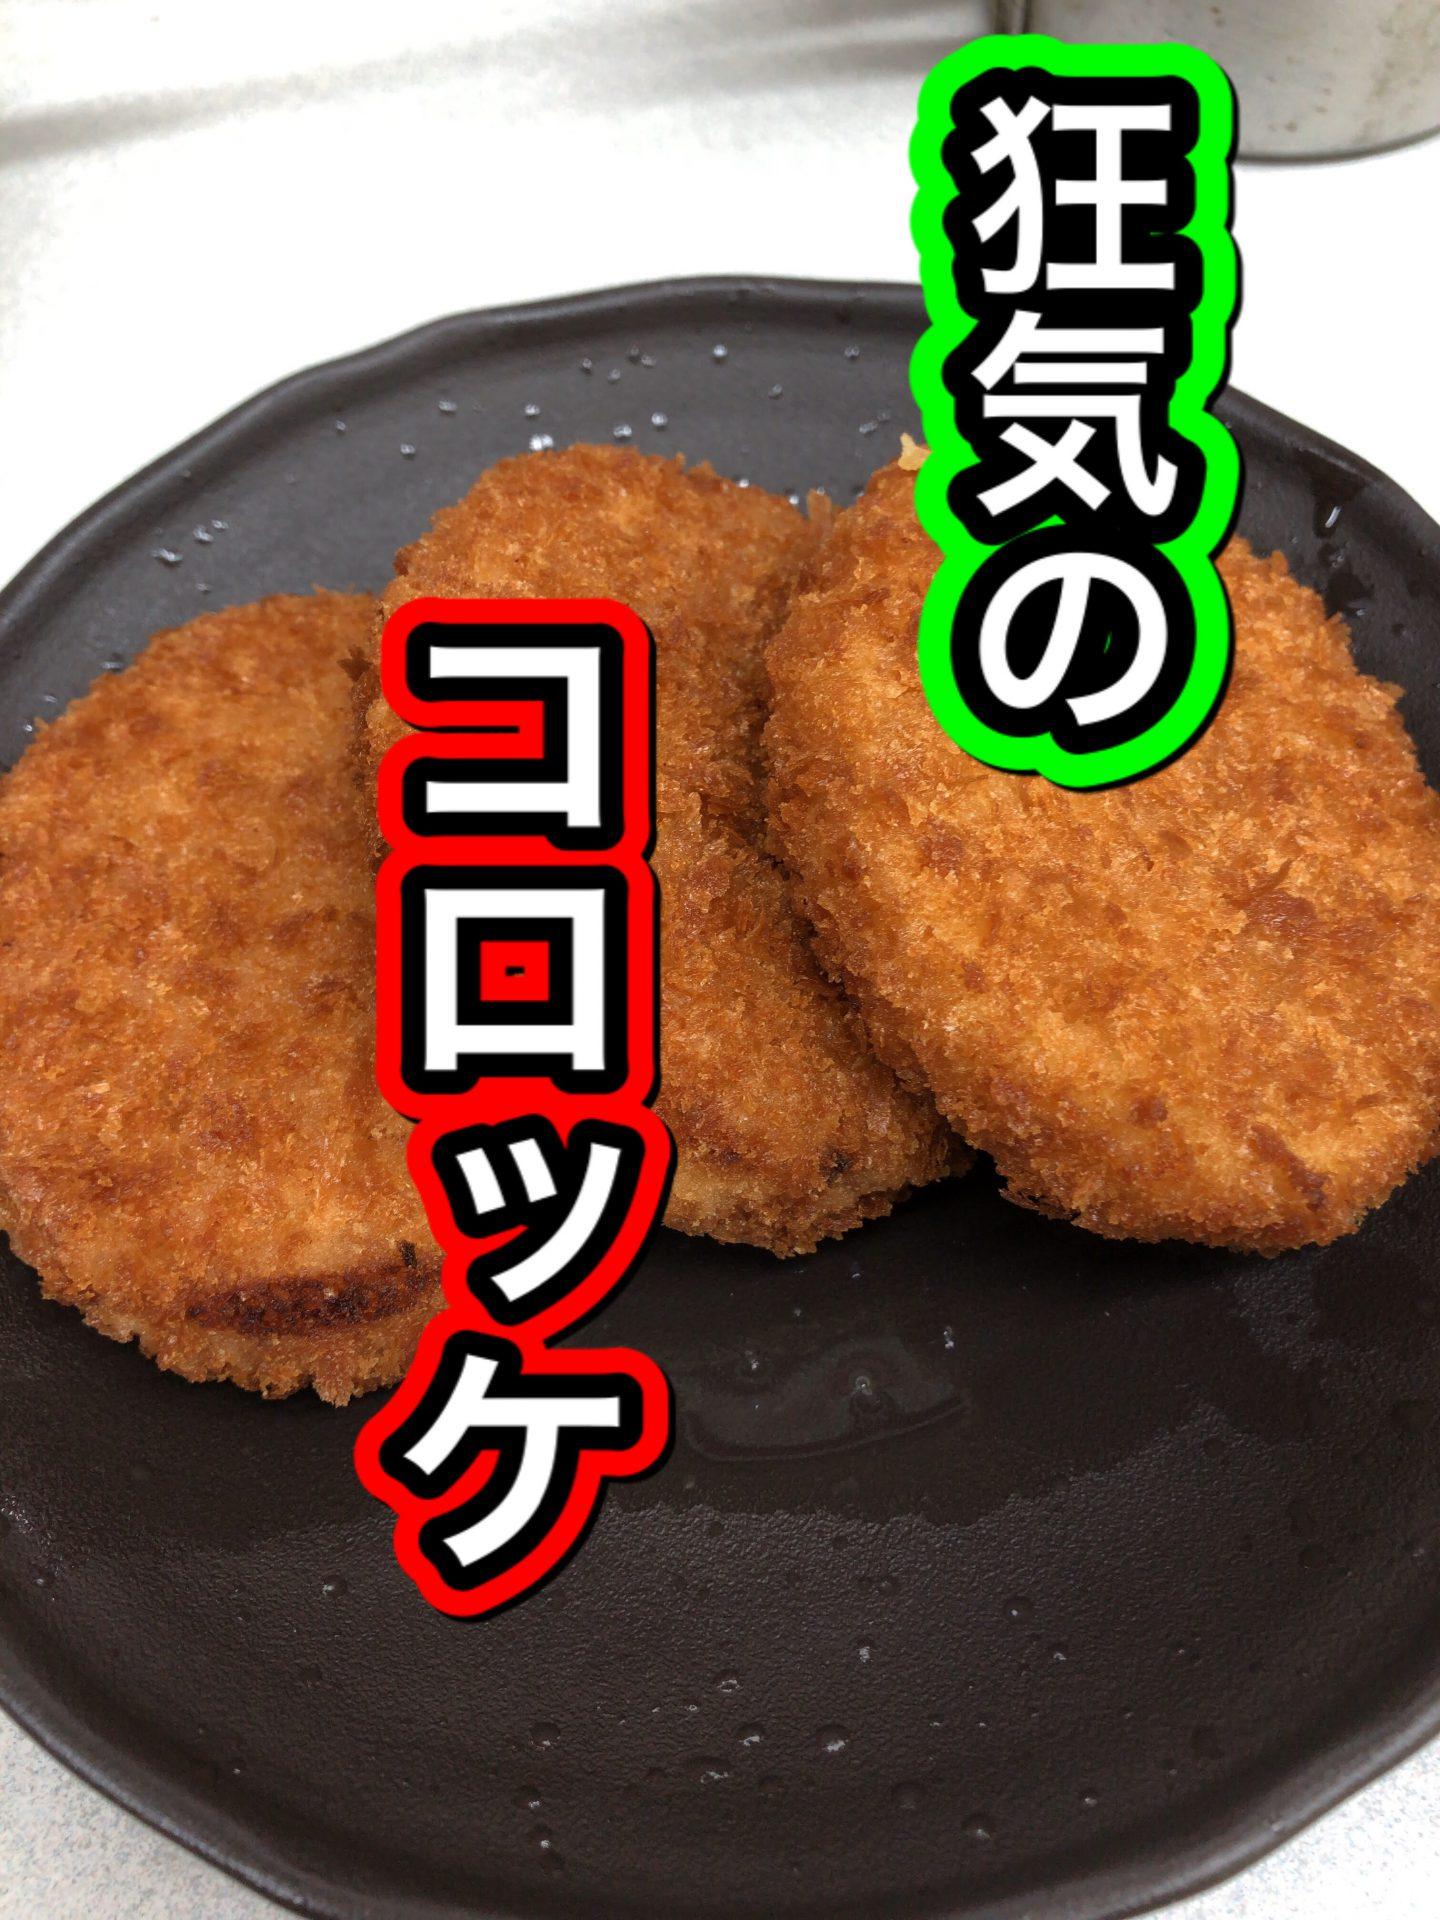 お便り特集その2と大阪王将のコロッケ事件!?